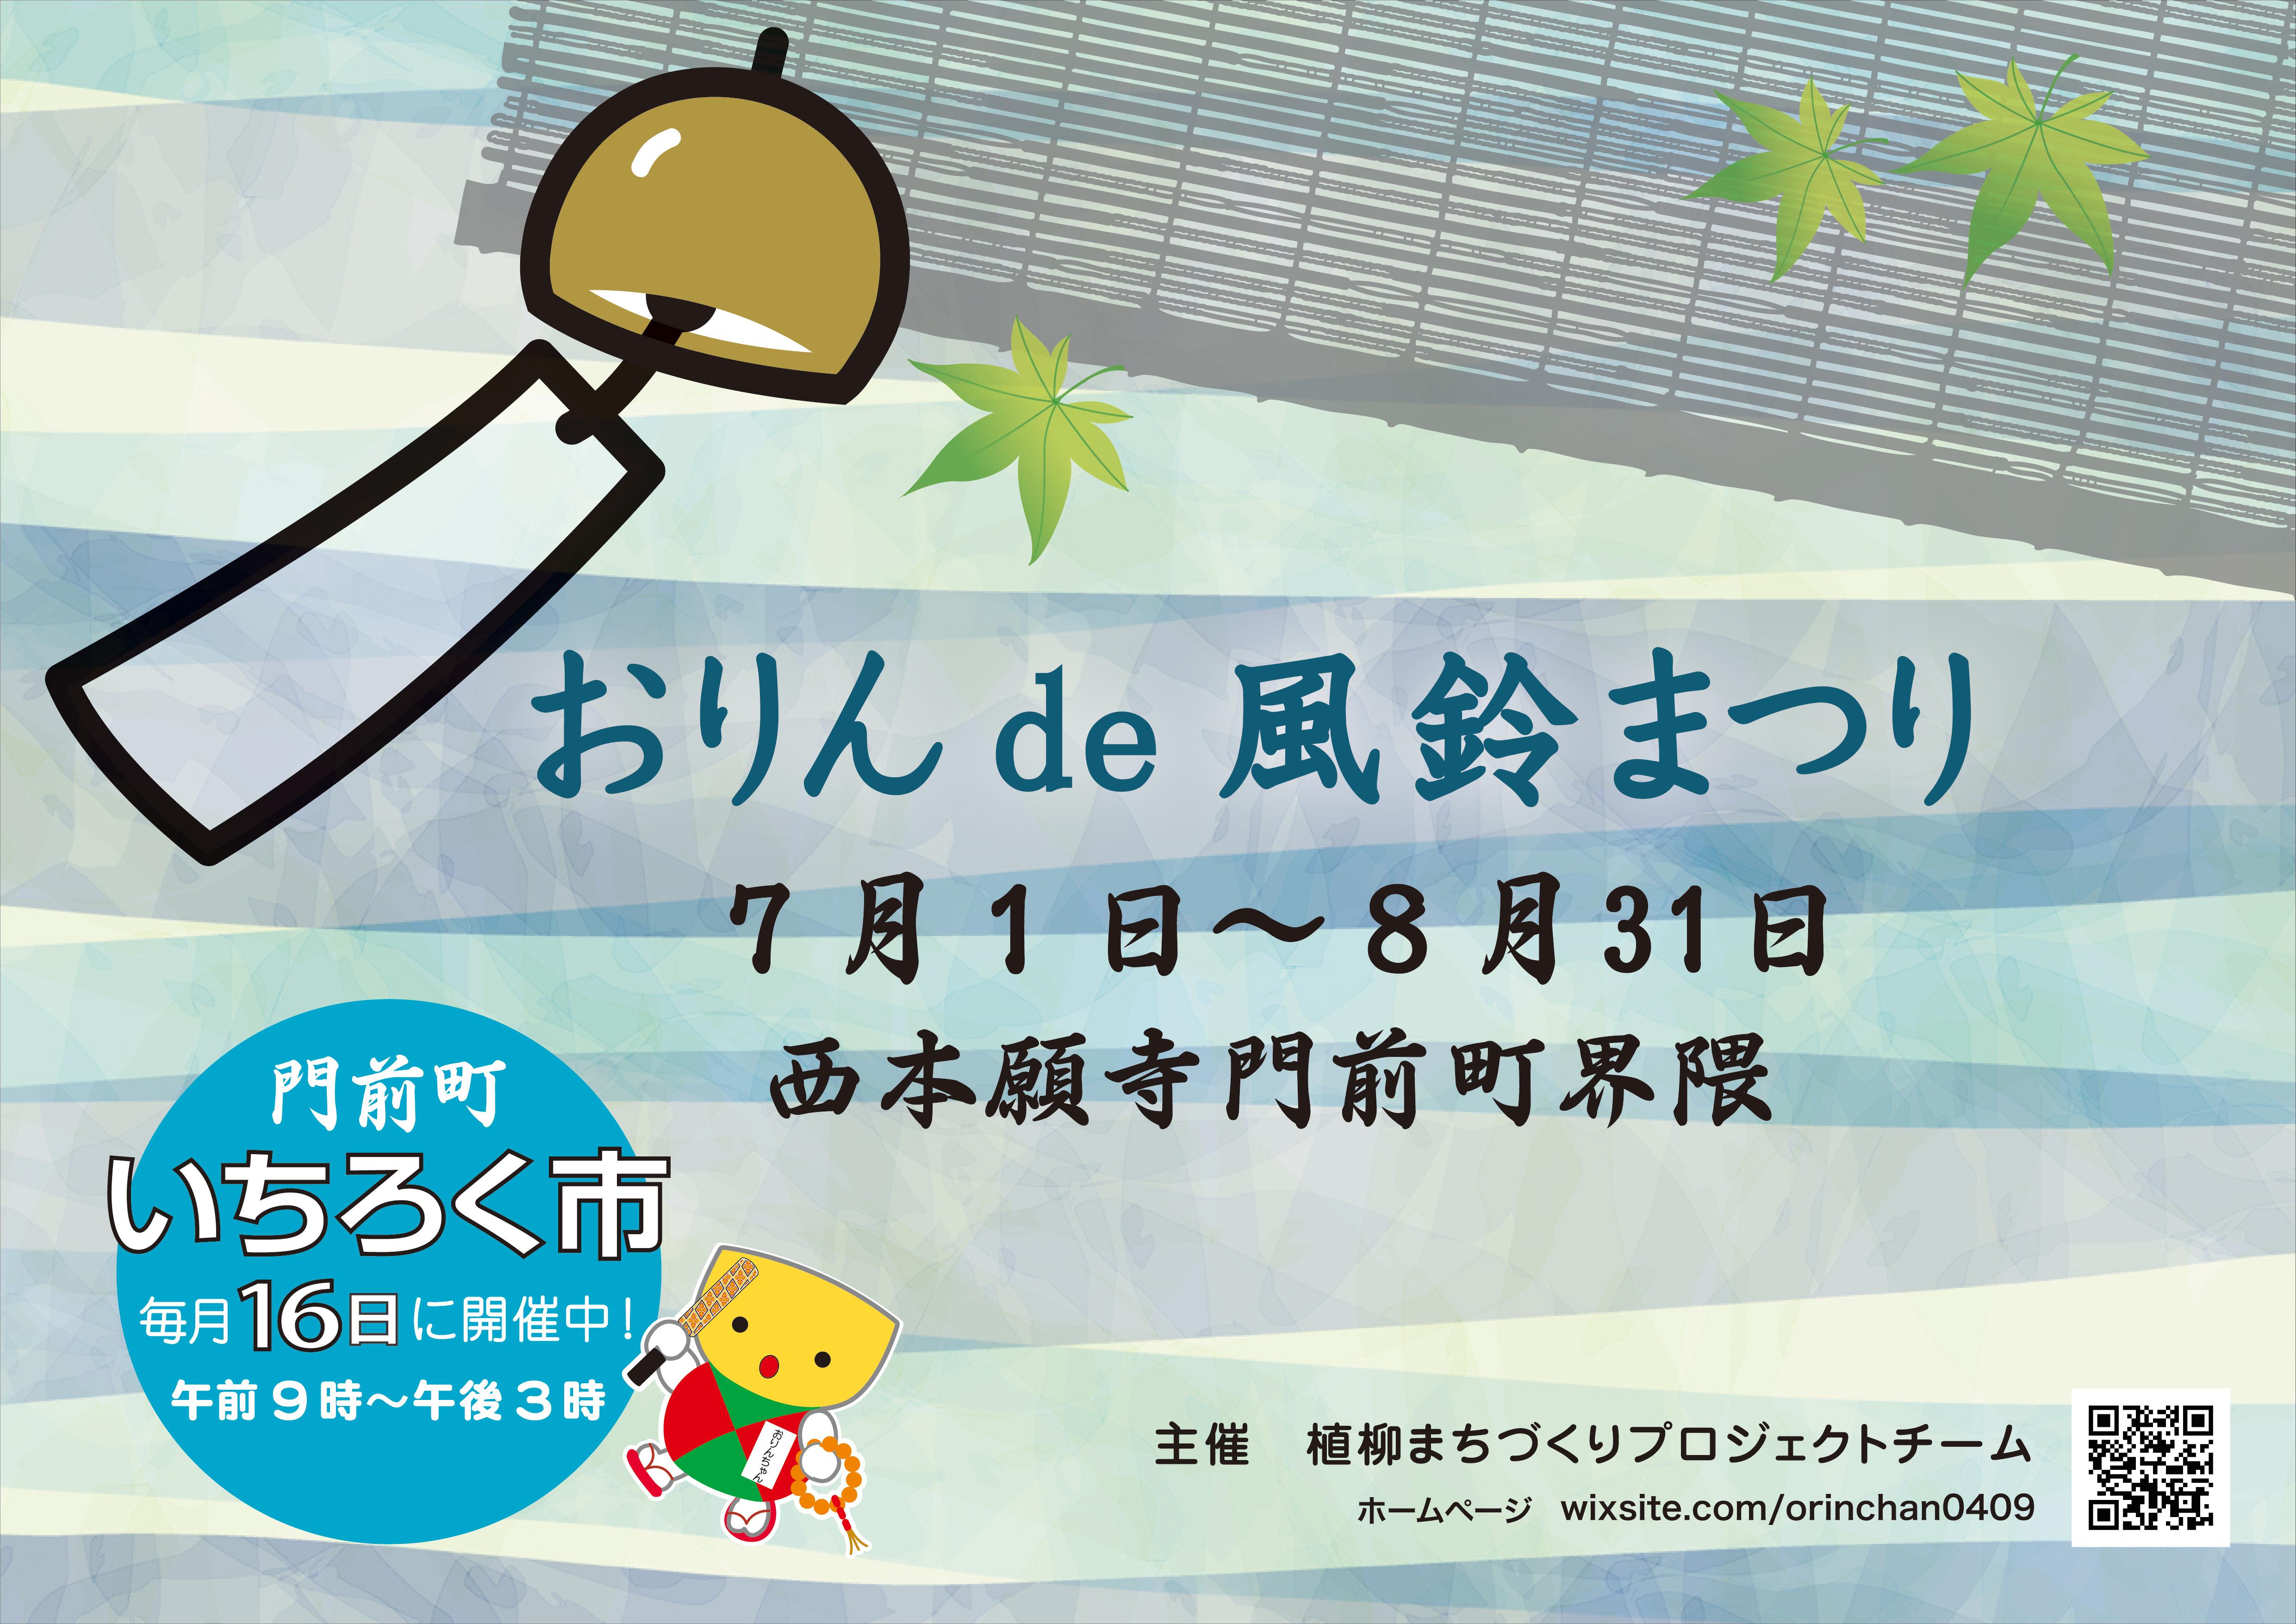 2018 おりんde風鈴まつりポスター